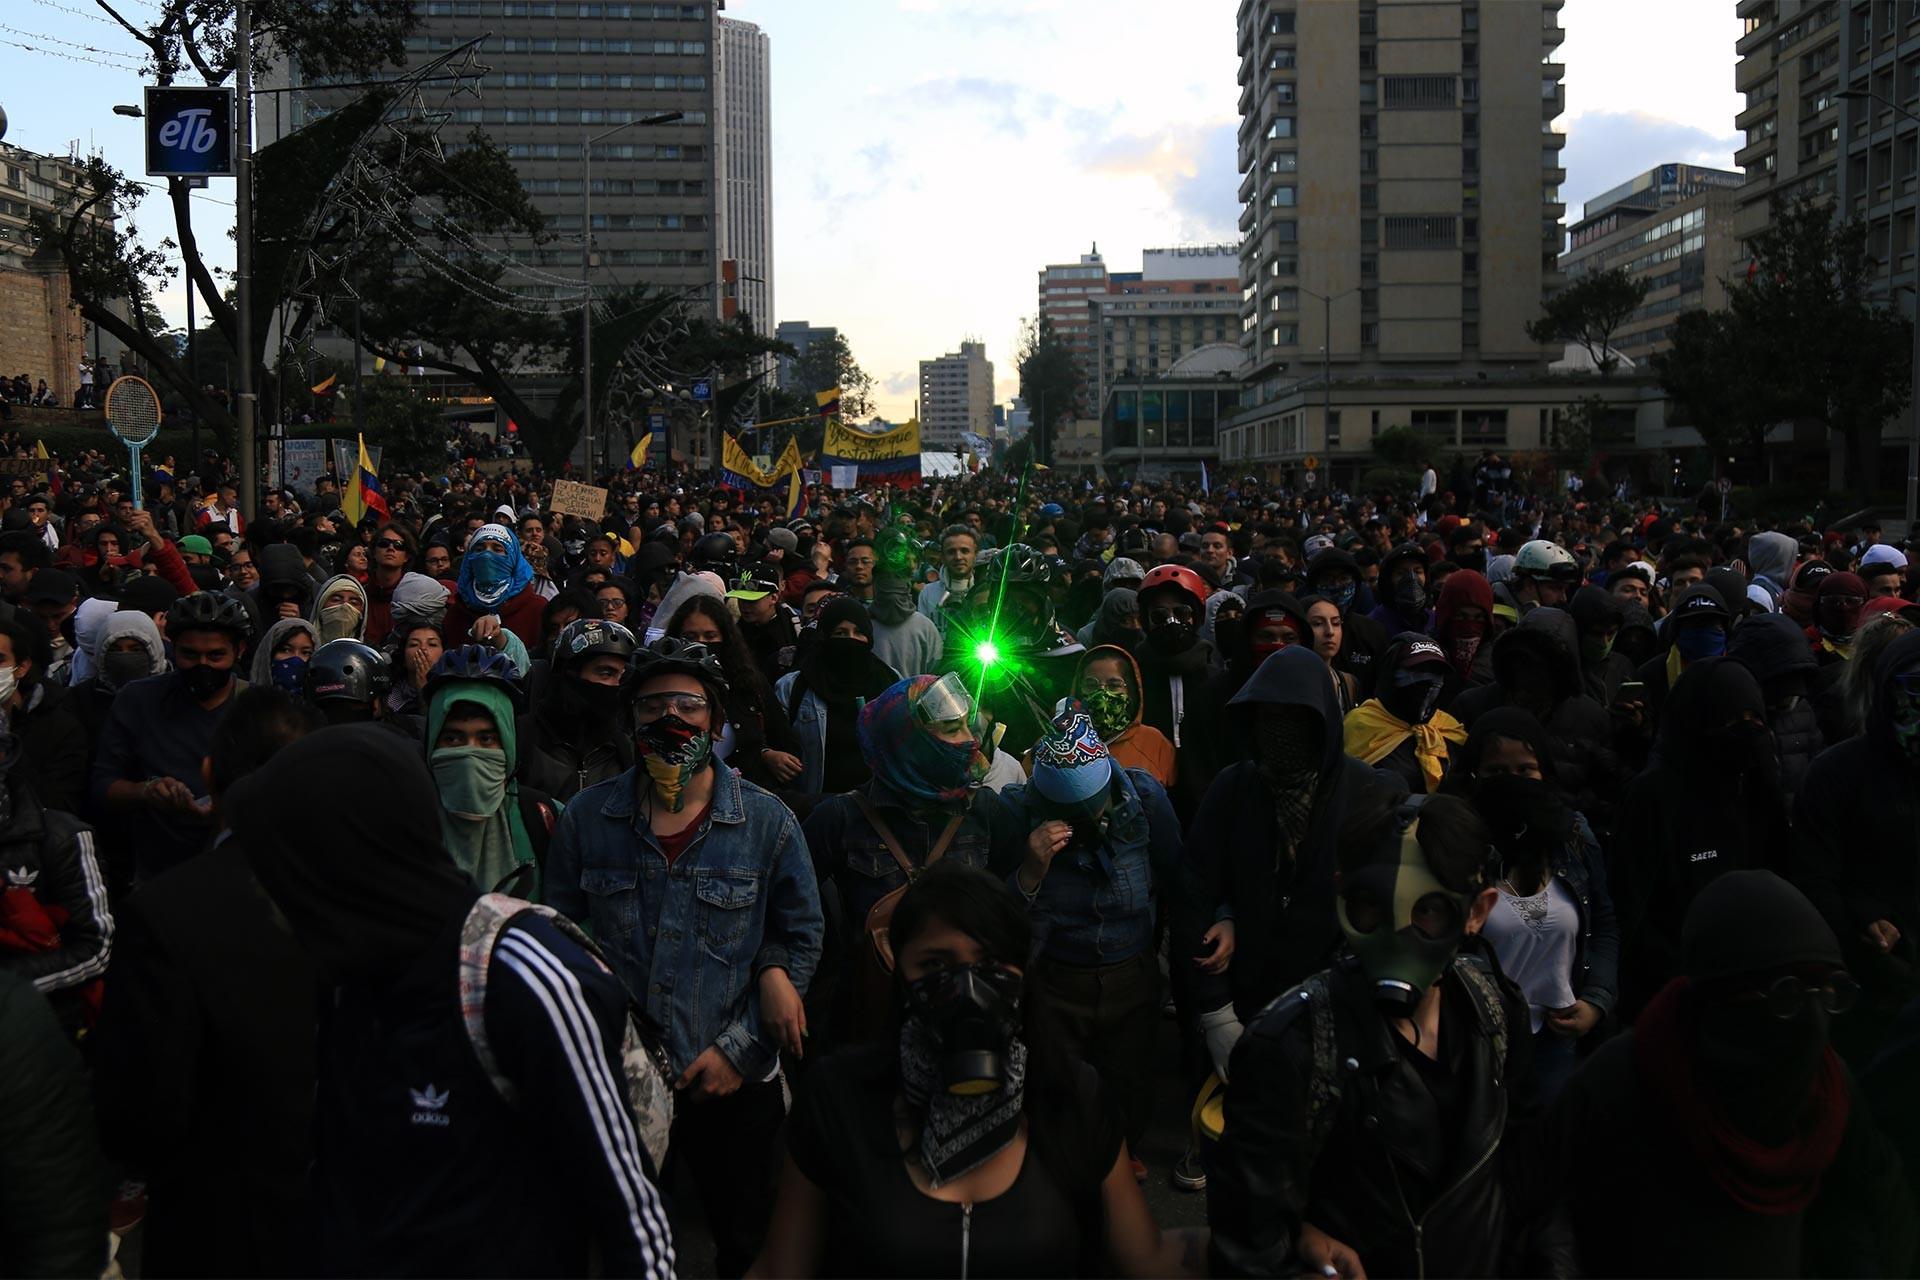 Kolombiya'da hükümeti protesto eden kalabalık kitle yol kapattı